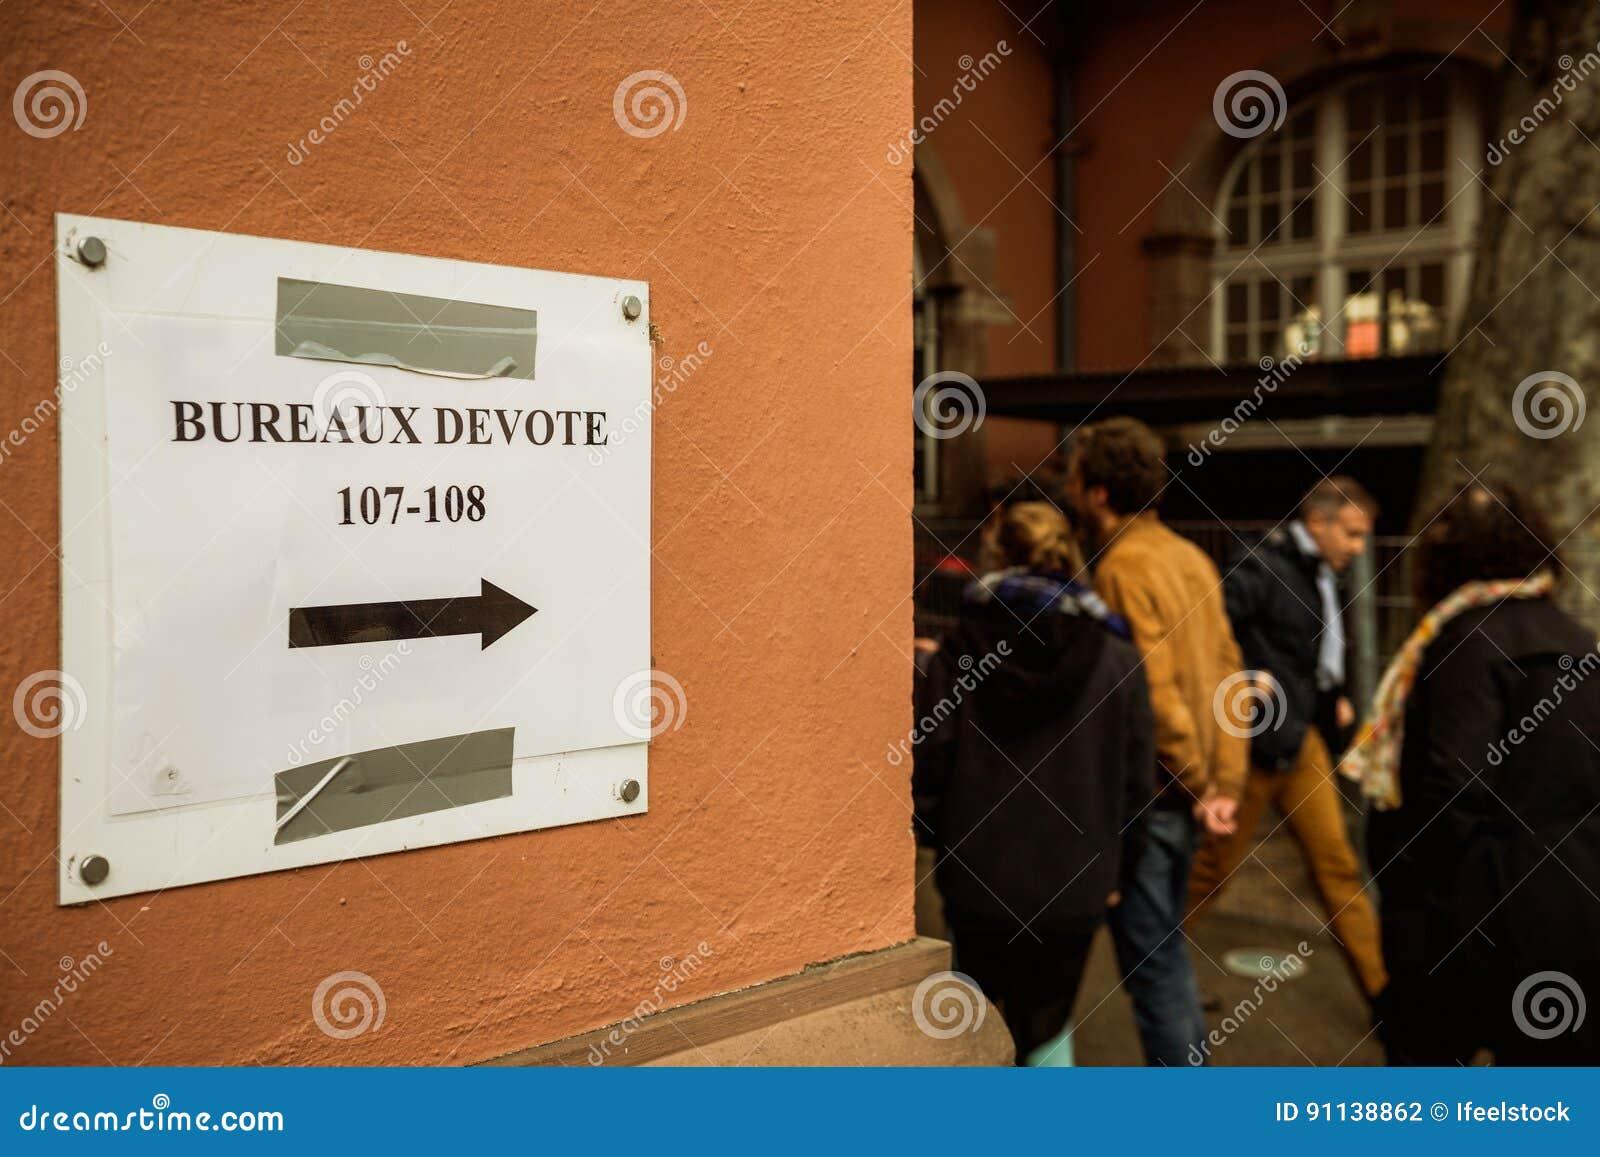 Bureaux de vote voting section france queu editorial photography